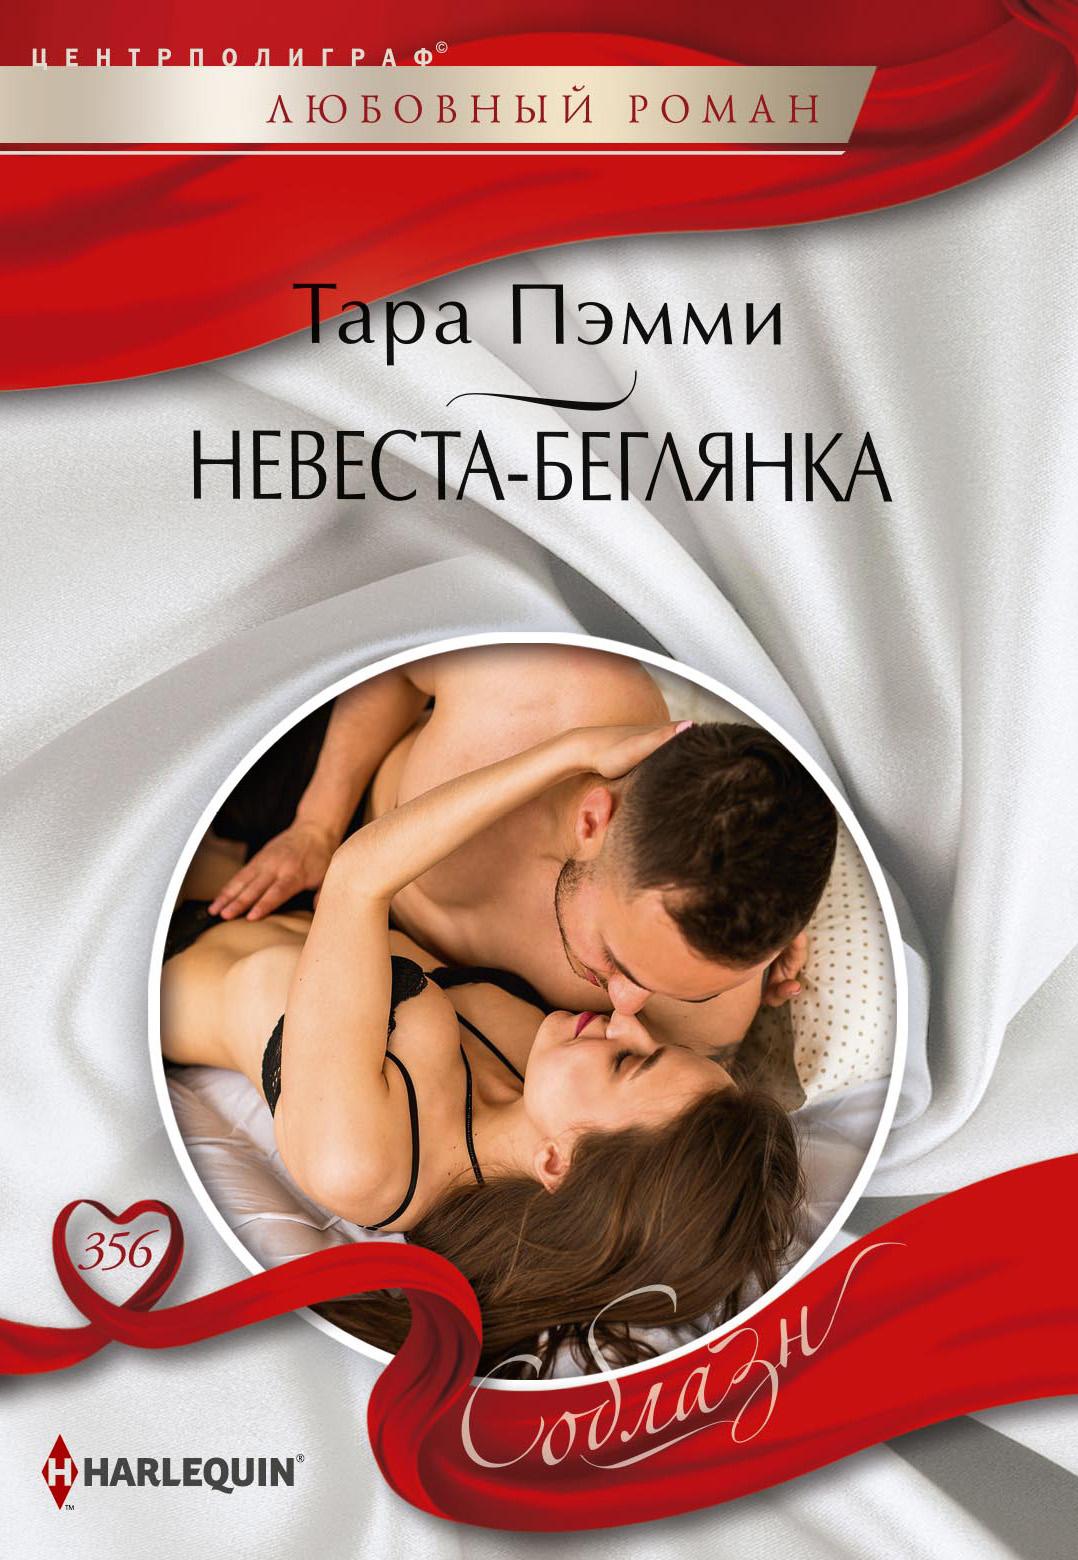 Купить книгу Невеста-беглянка, автора Тары Пэмми